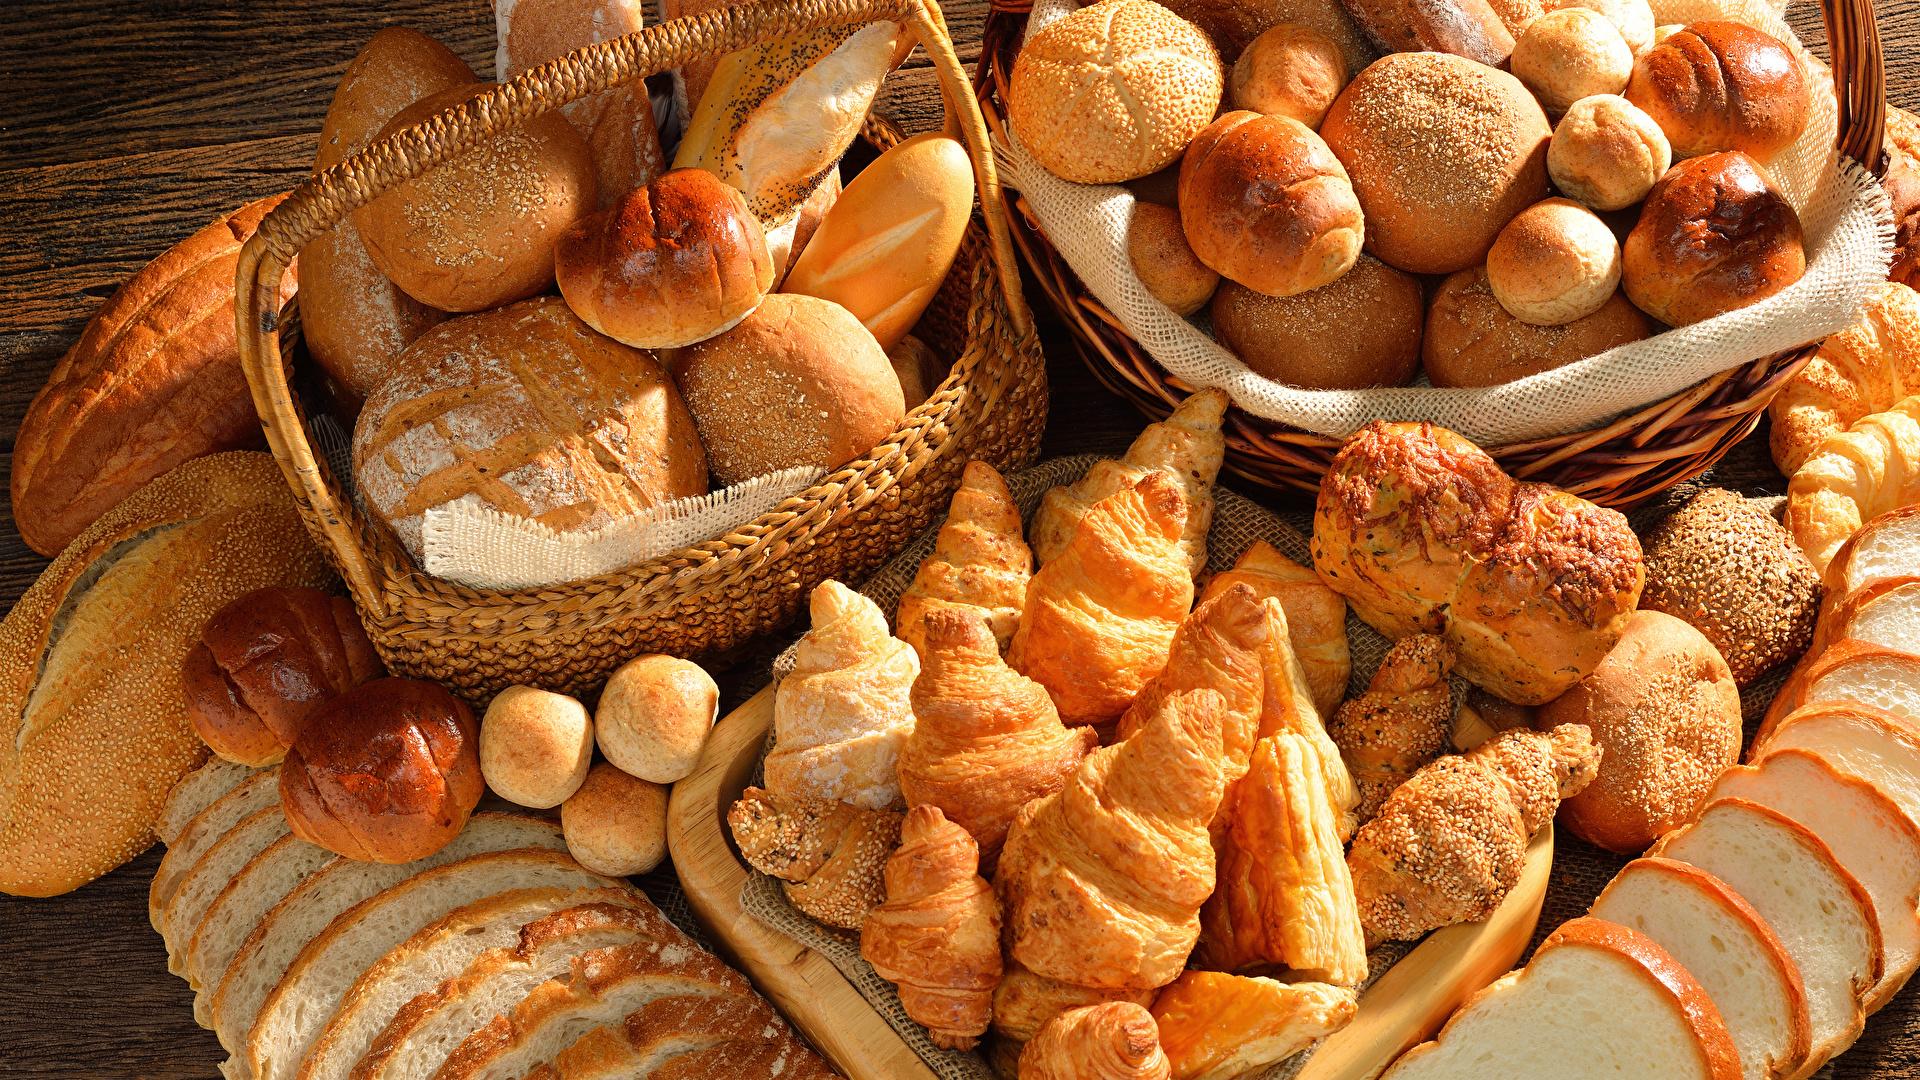 Обои для рабочего стола Круассан Хлеб Булочки Еда Выпечка 1920x1080 Пища Продукты питания